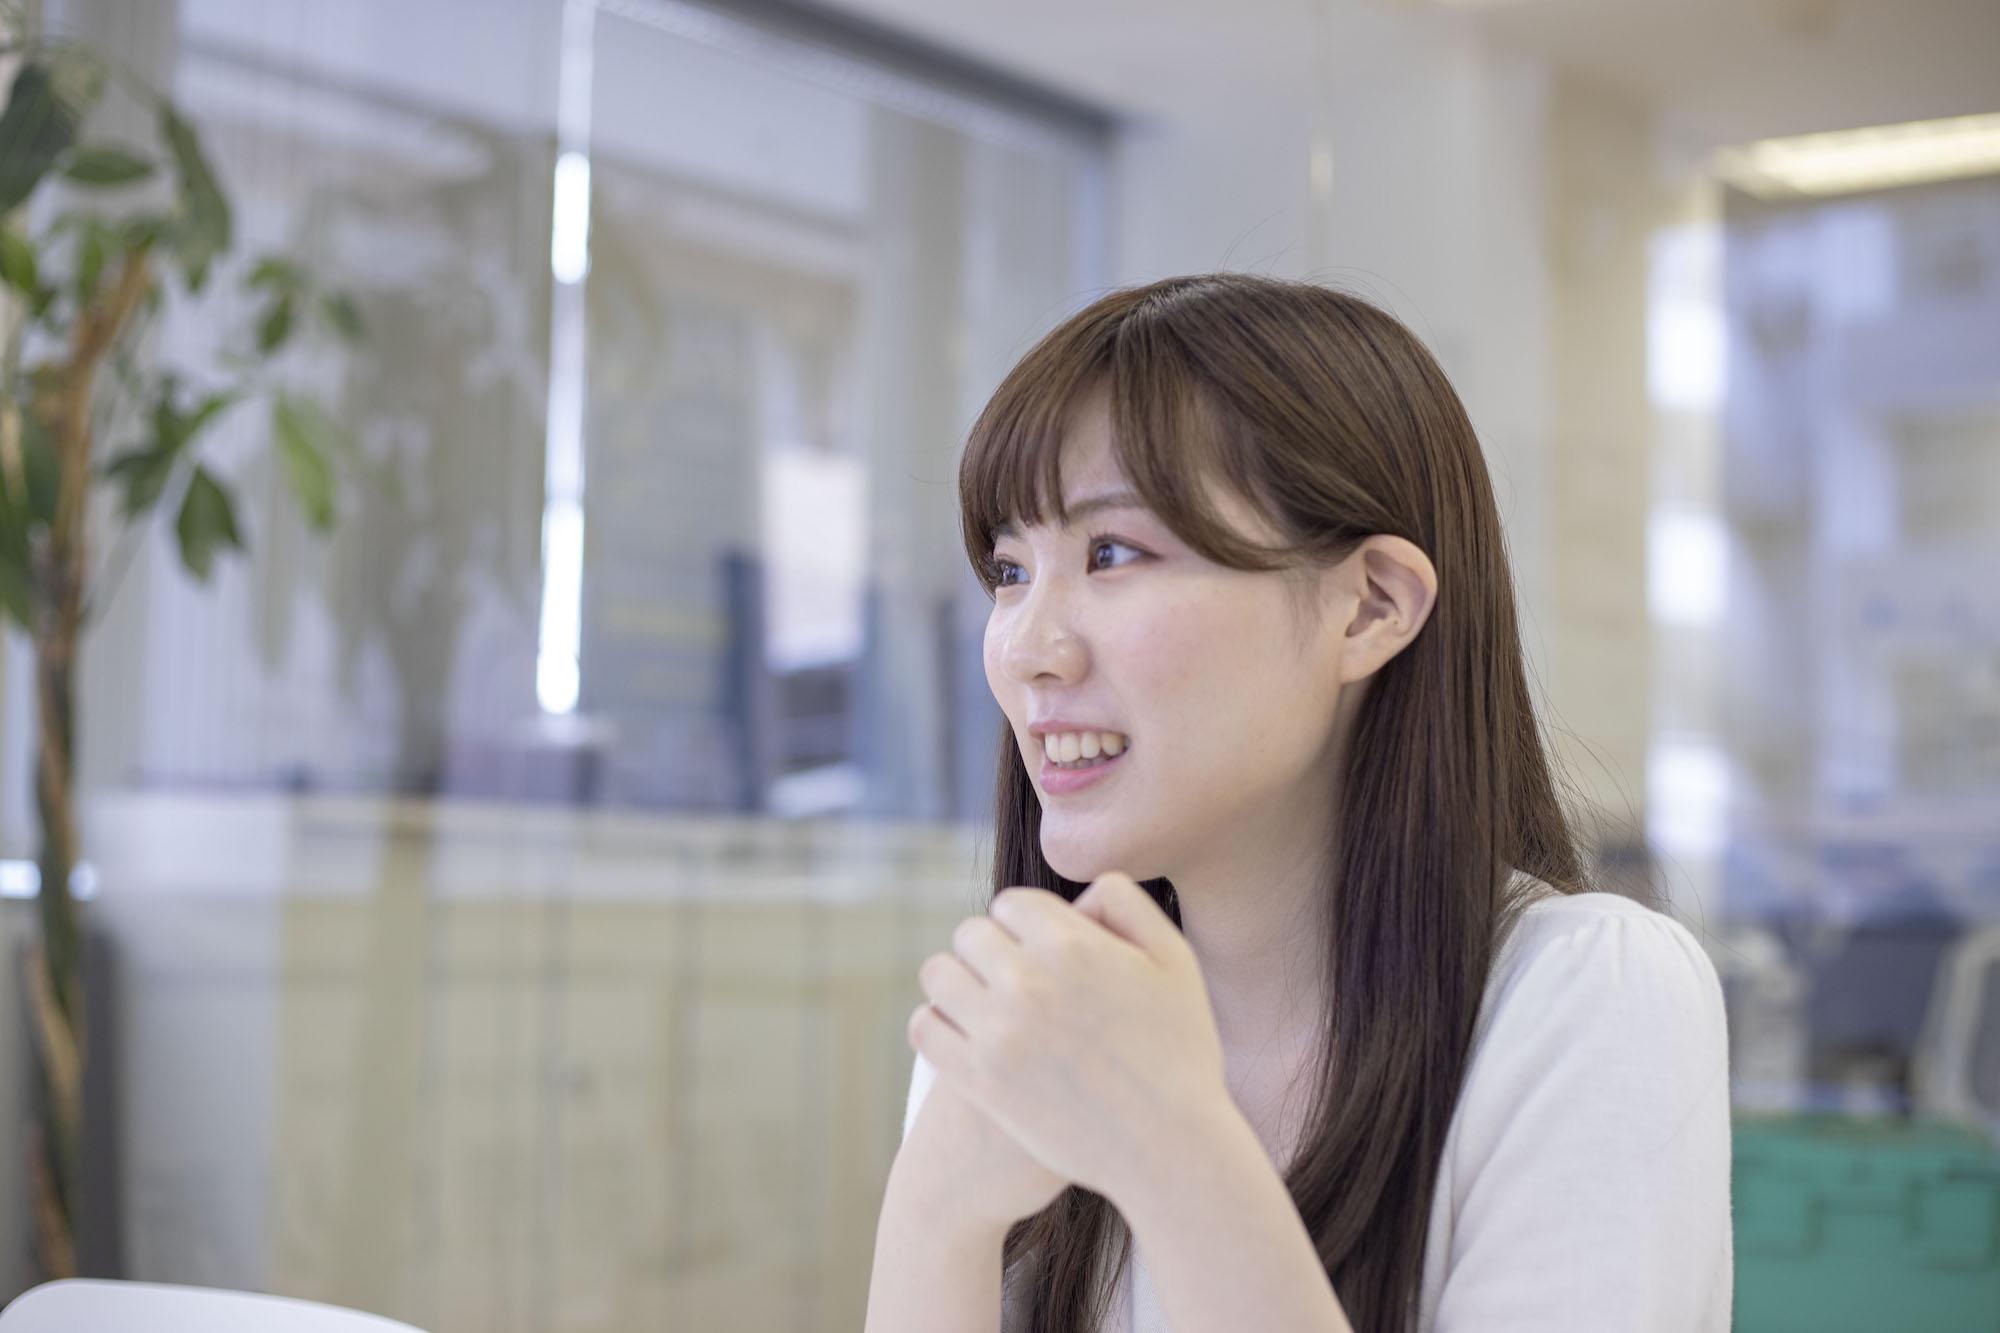 フェリス女学院大学・土井山幸香は、ANDの才能で「広報の鬼大生」になる